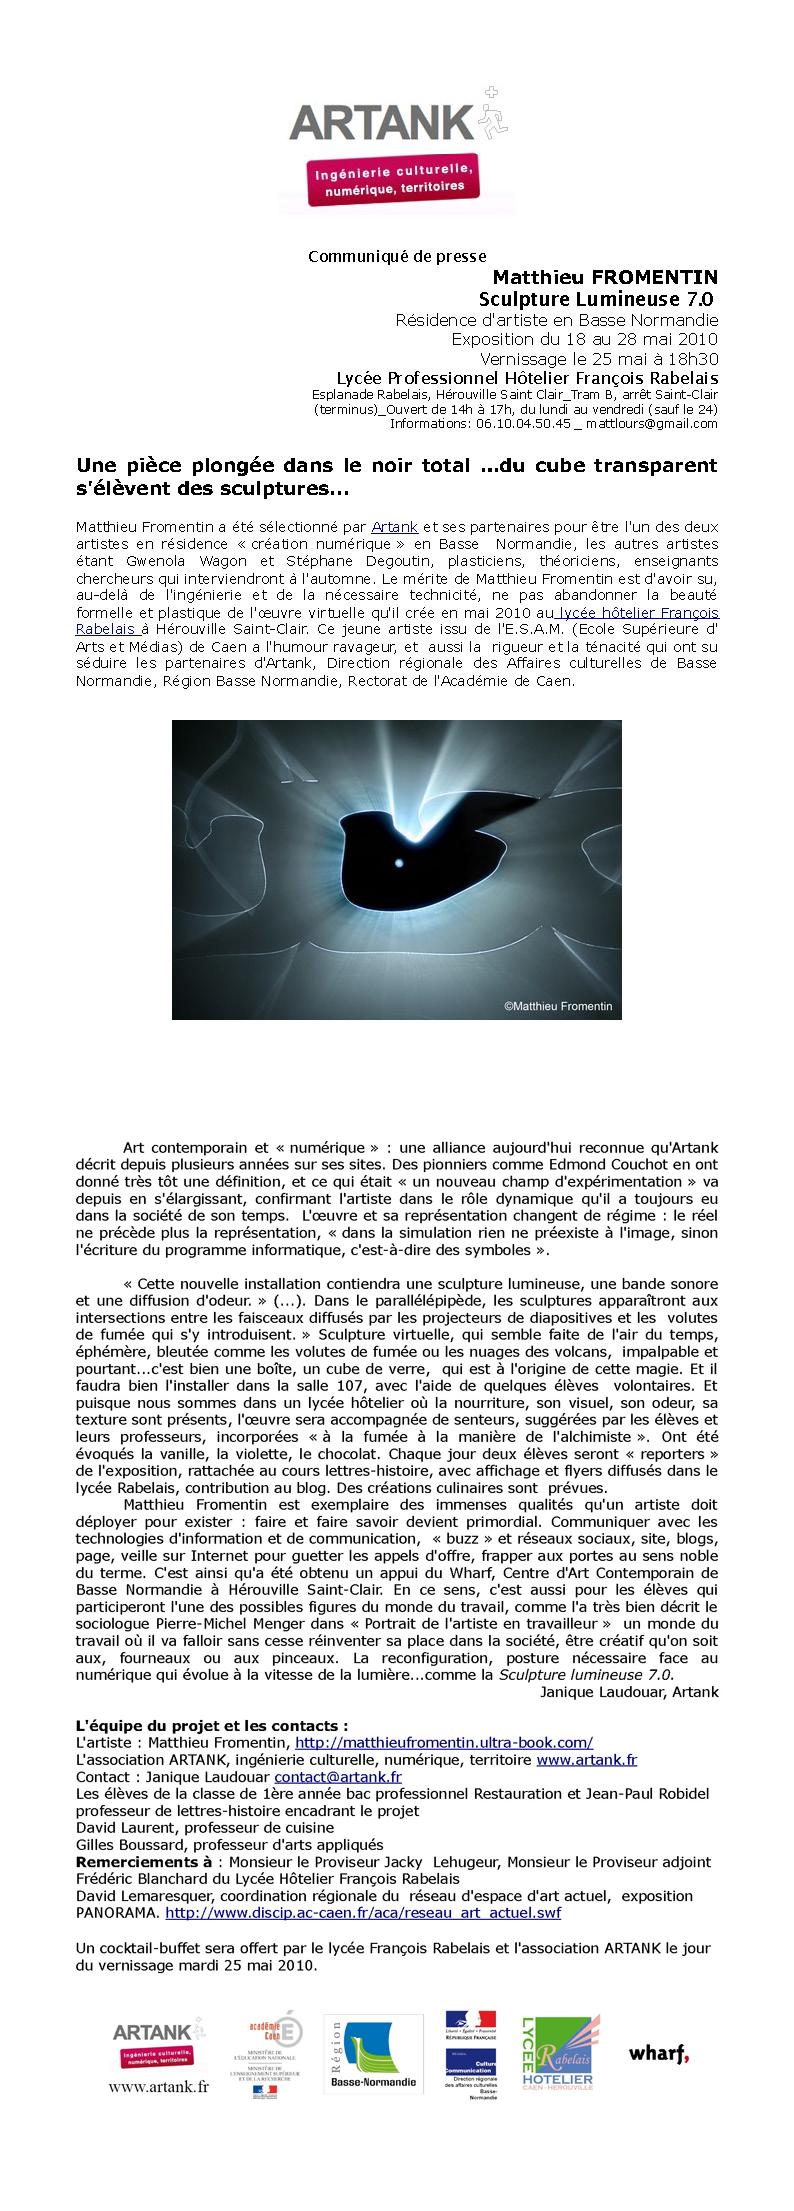 Communiqu__de_presse.jpg